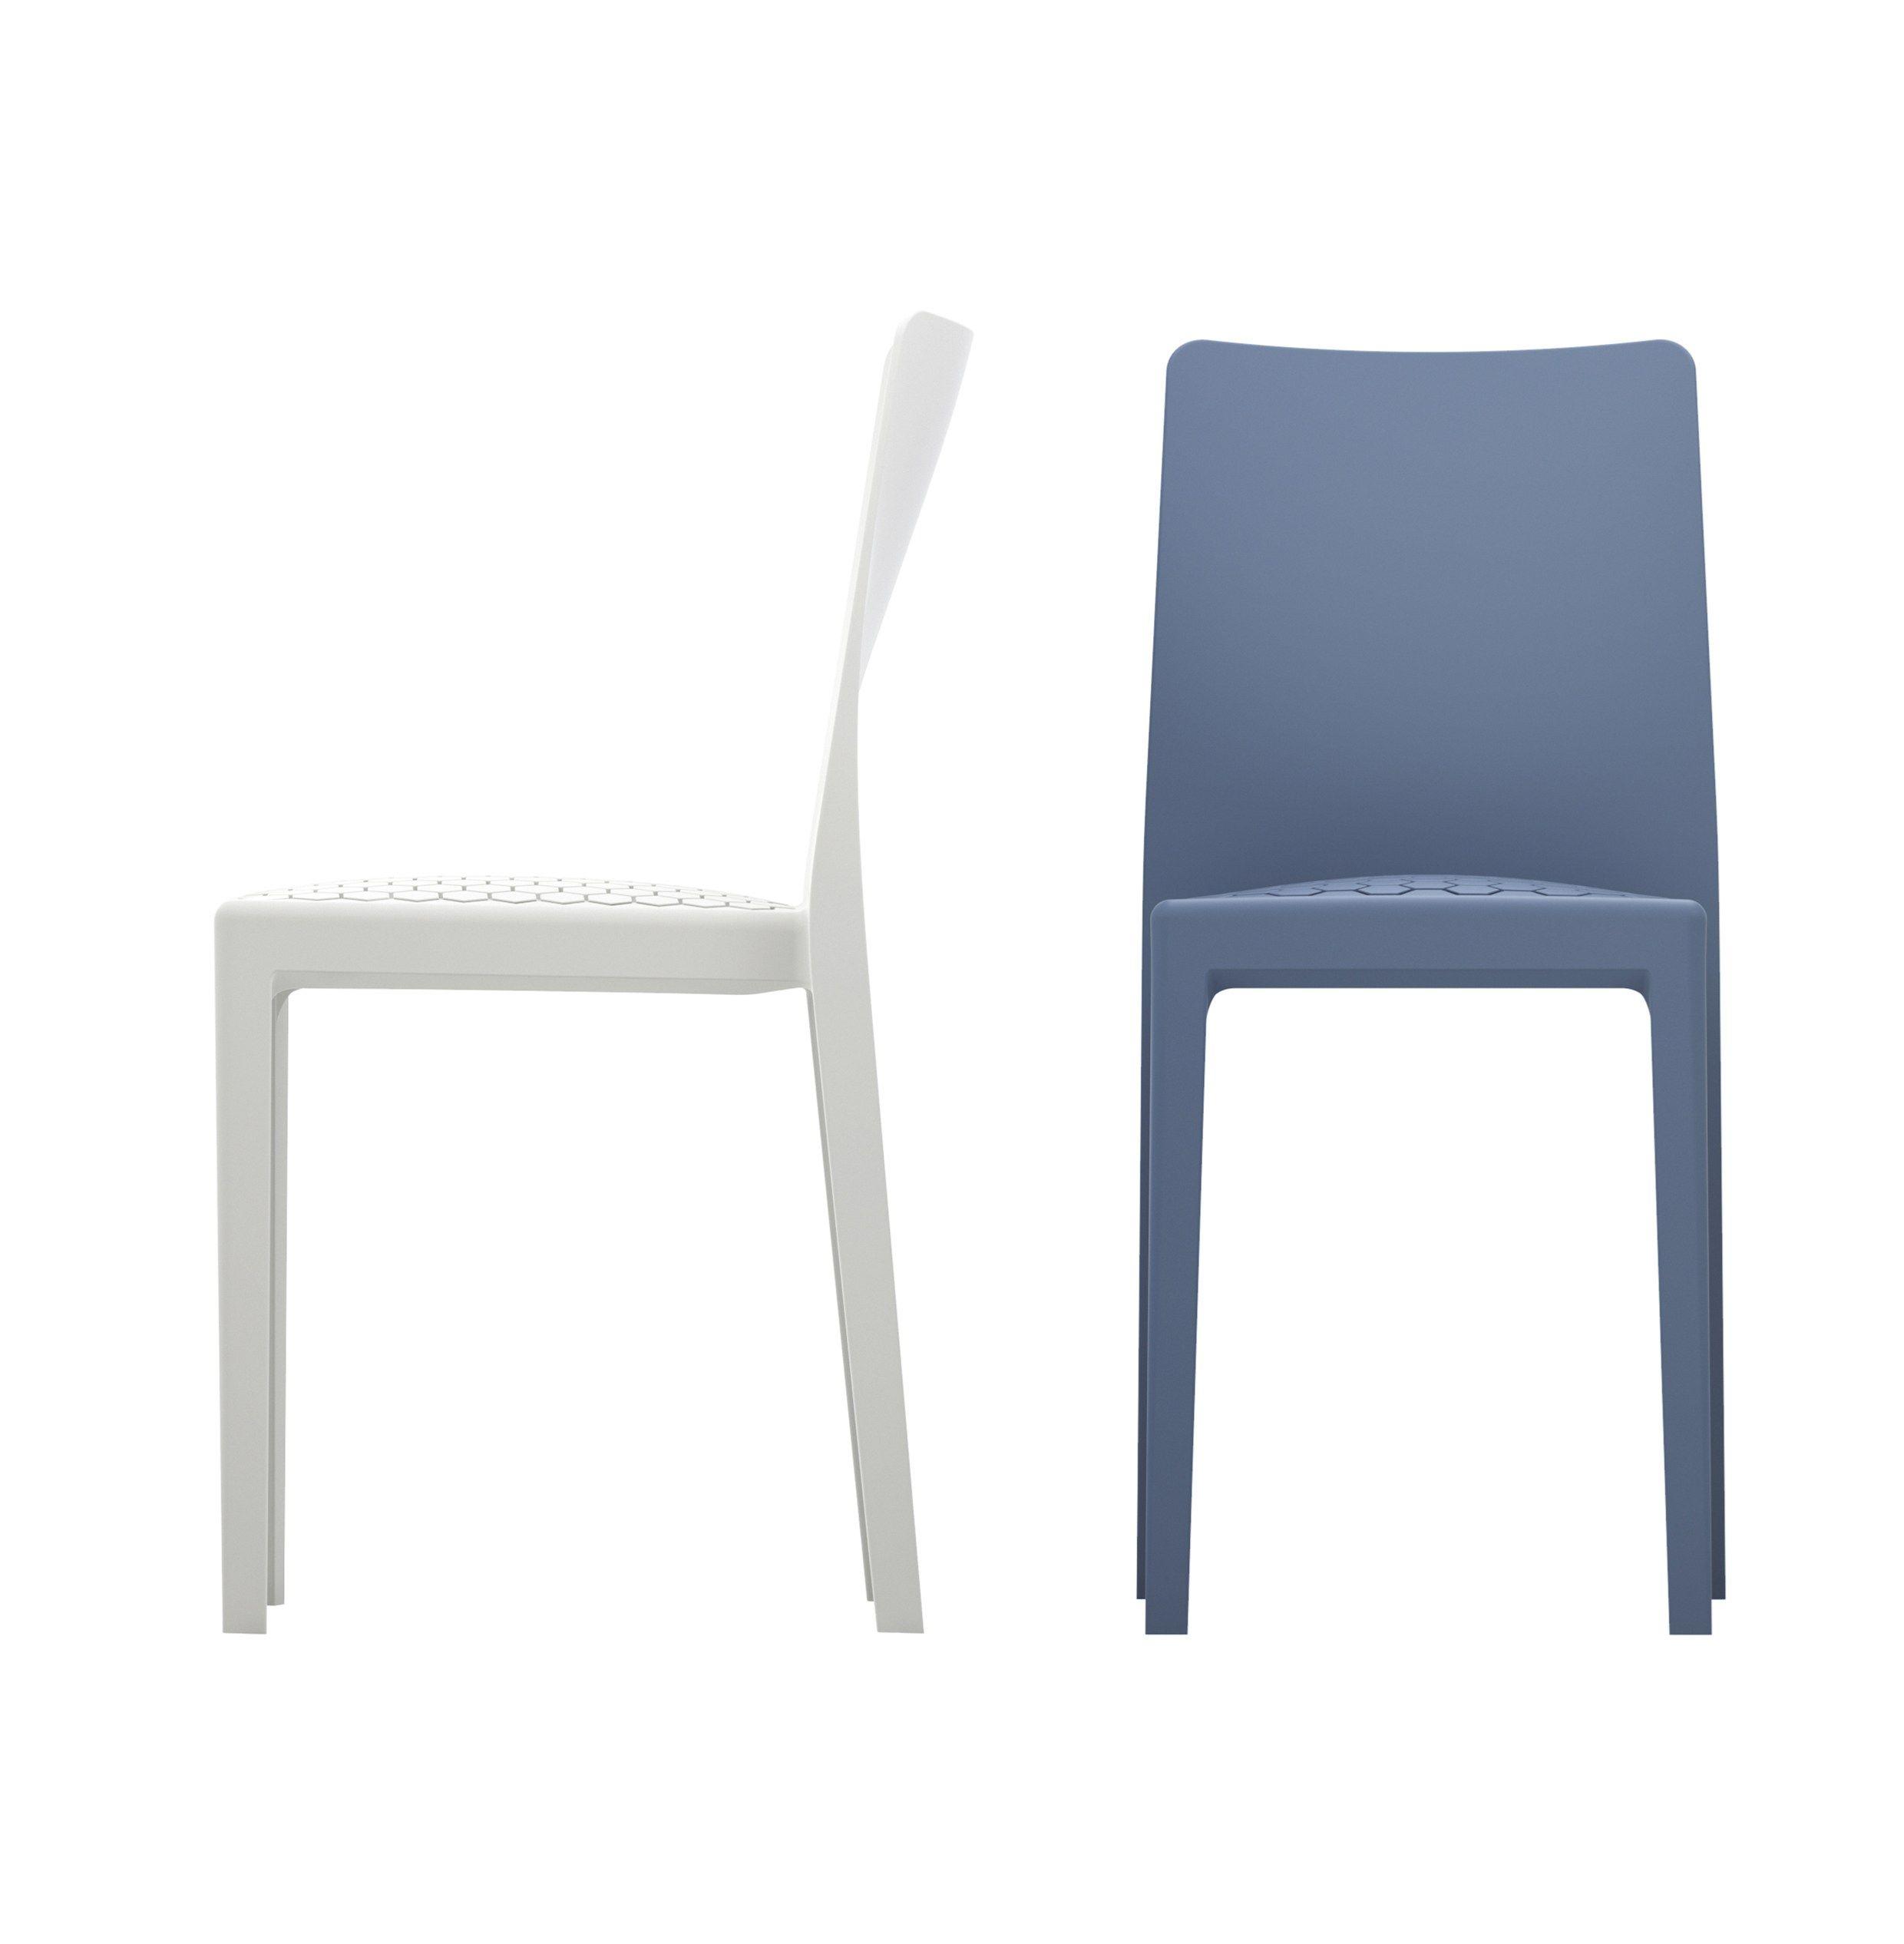 stackable polypropylene chair ms4 by calligaris design marc sadler. Black Bedroom Furniture Sets. Home Design Ideas